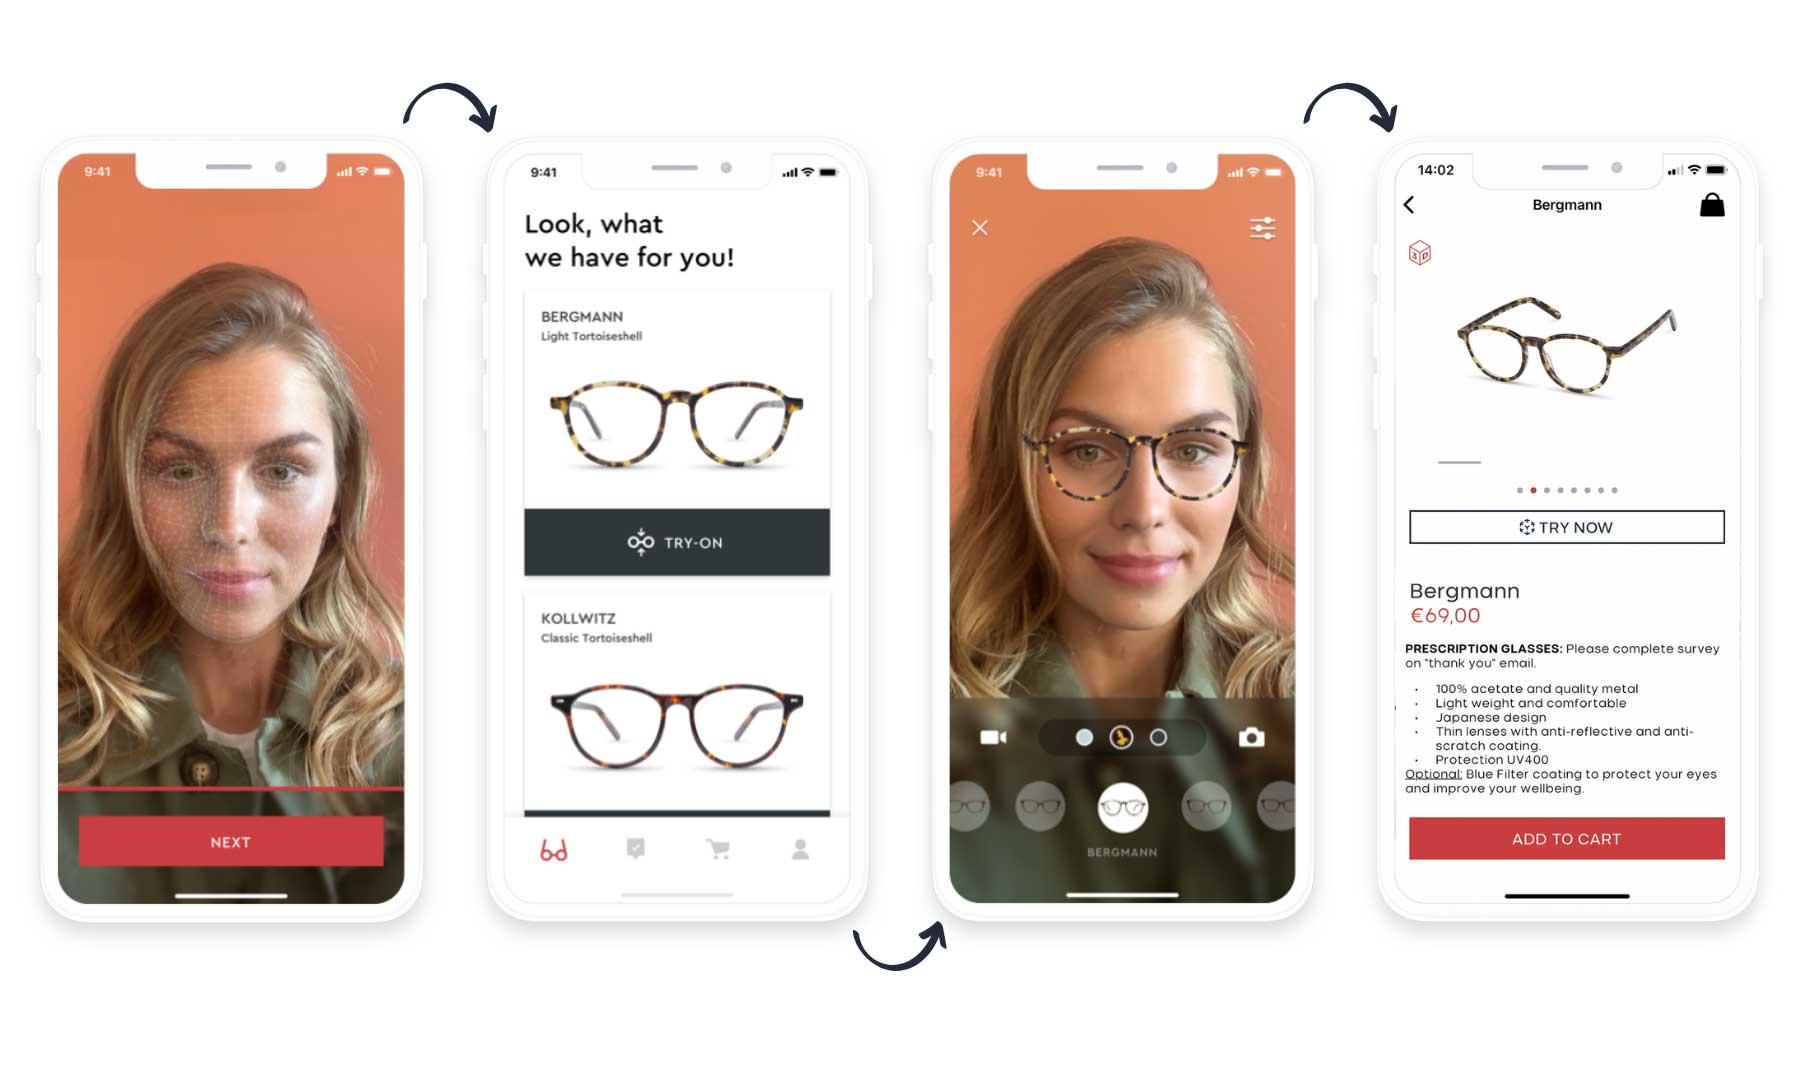 BRILIN lässt euch neue Brillen-Modelle per Instagram-Filter oder App anprobieren BRILIN-Brillenmodelle-virtuell-anprobieren_02